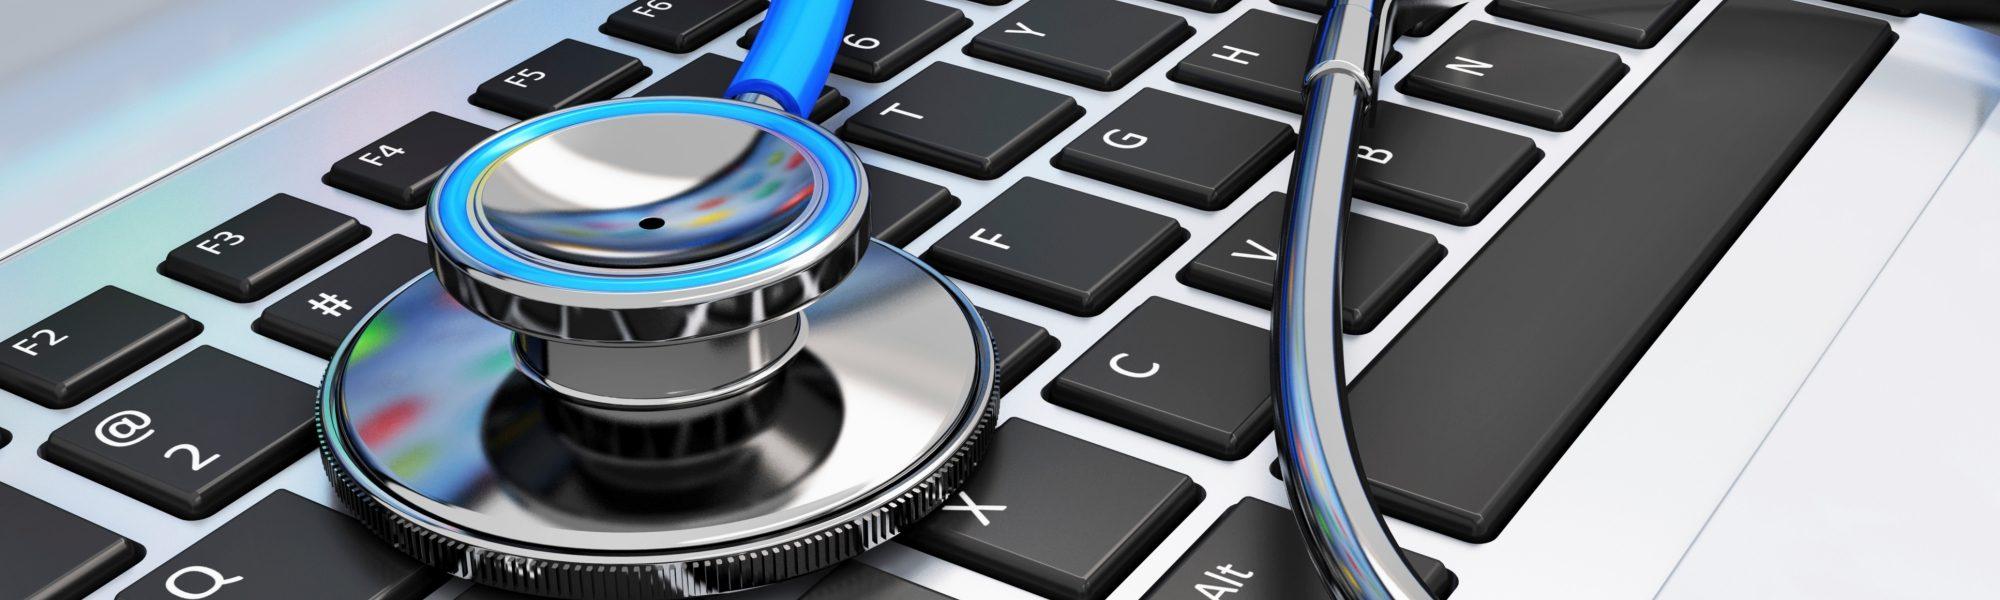 Assistenza Computer, PC e reti aziendali a Pistoia - LL Informatica